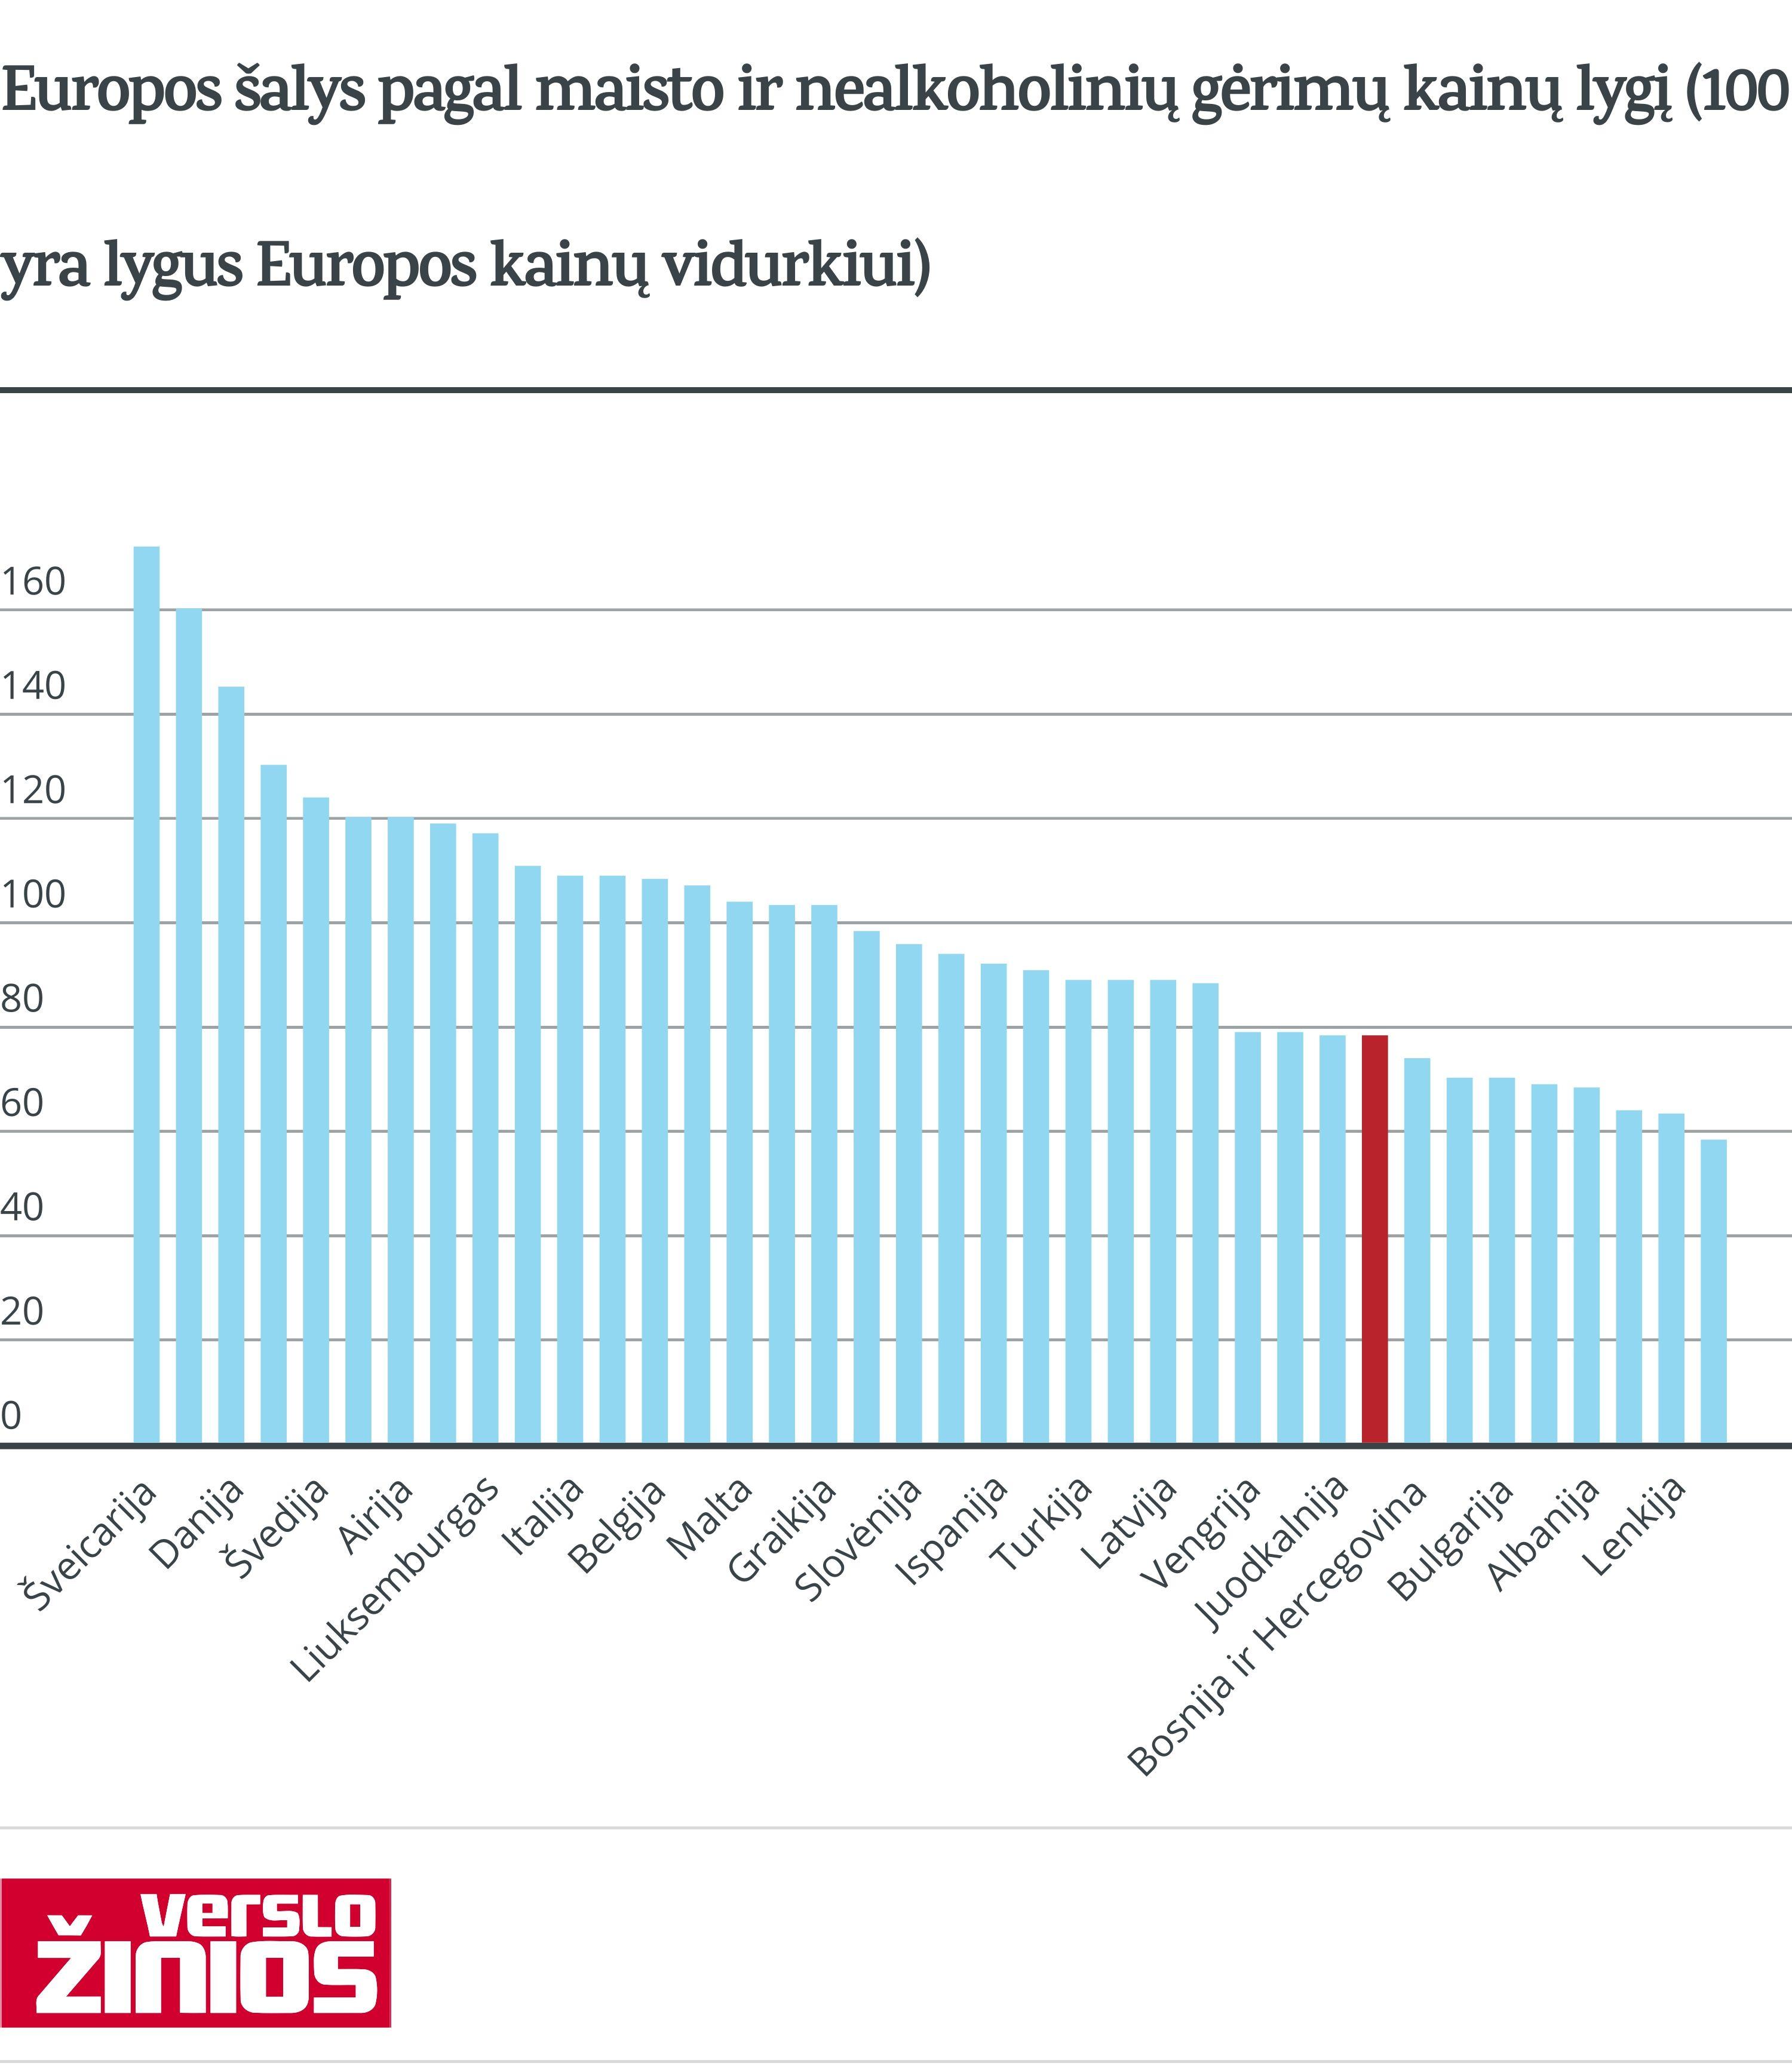 Maisto ir gėrimų kainos Europos šalyse